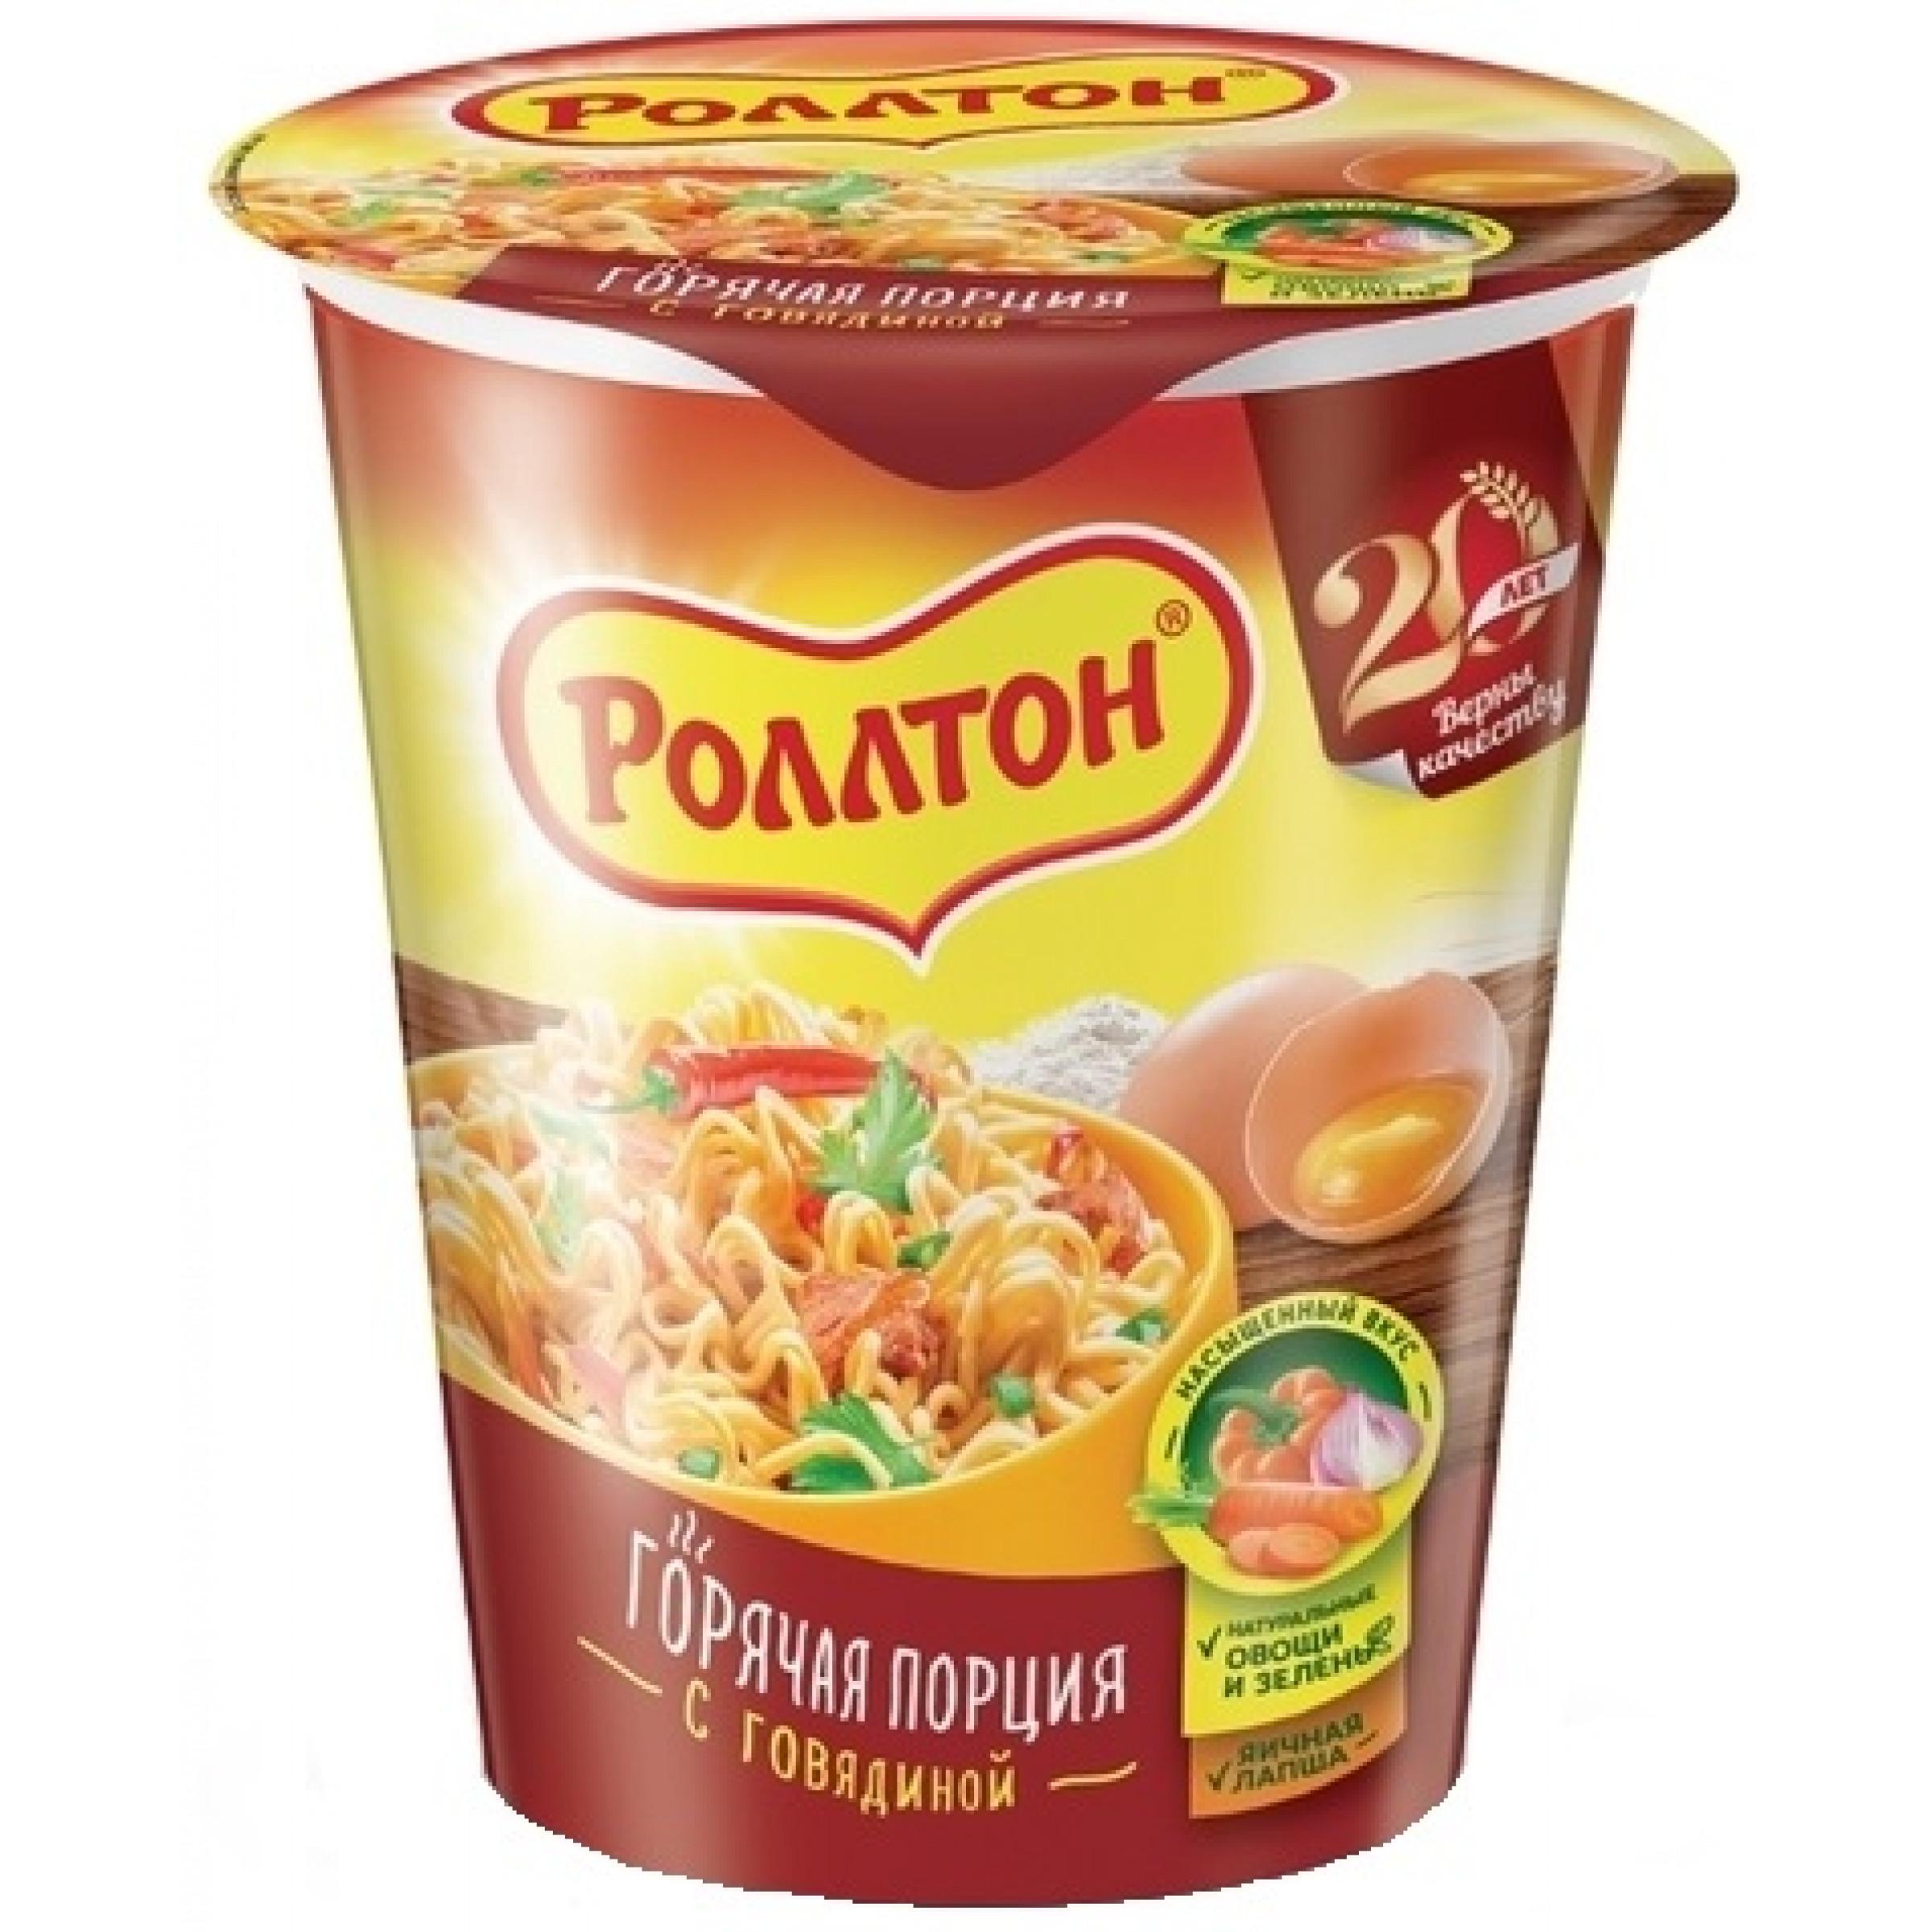 """Лапша """" Роллтон Горячая порция """" с говядиной, 65гр"""